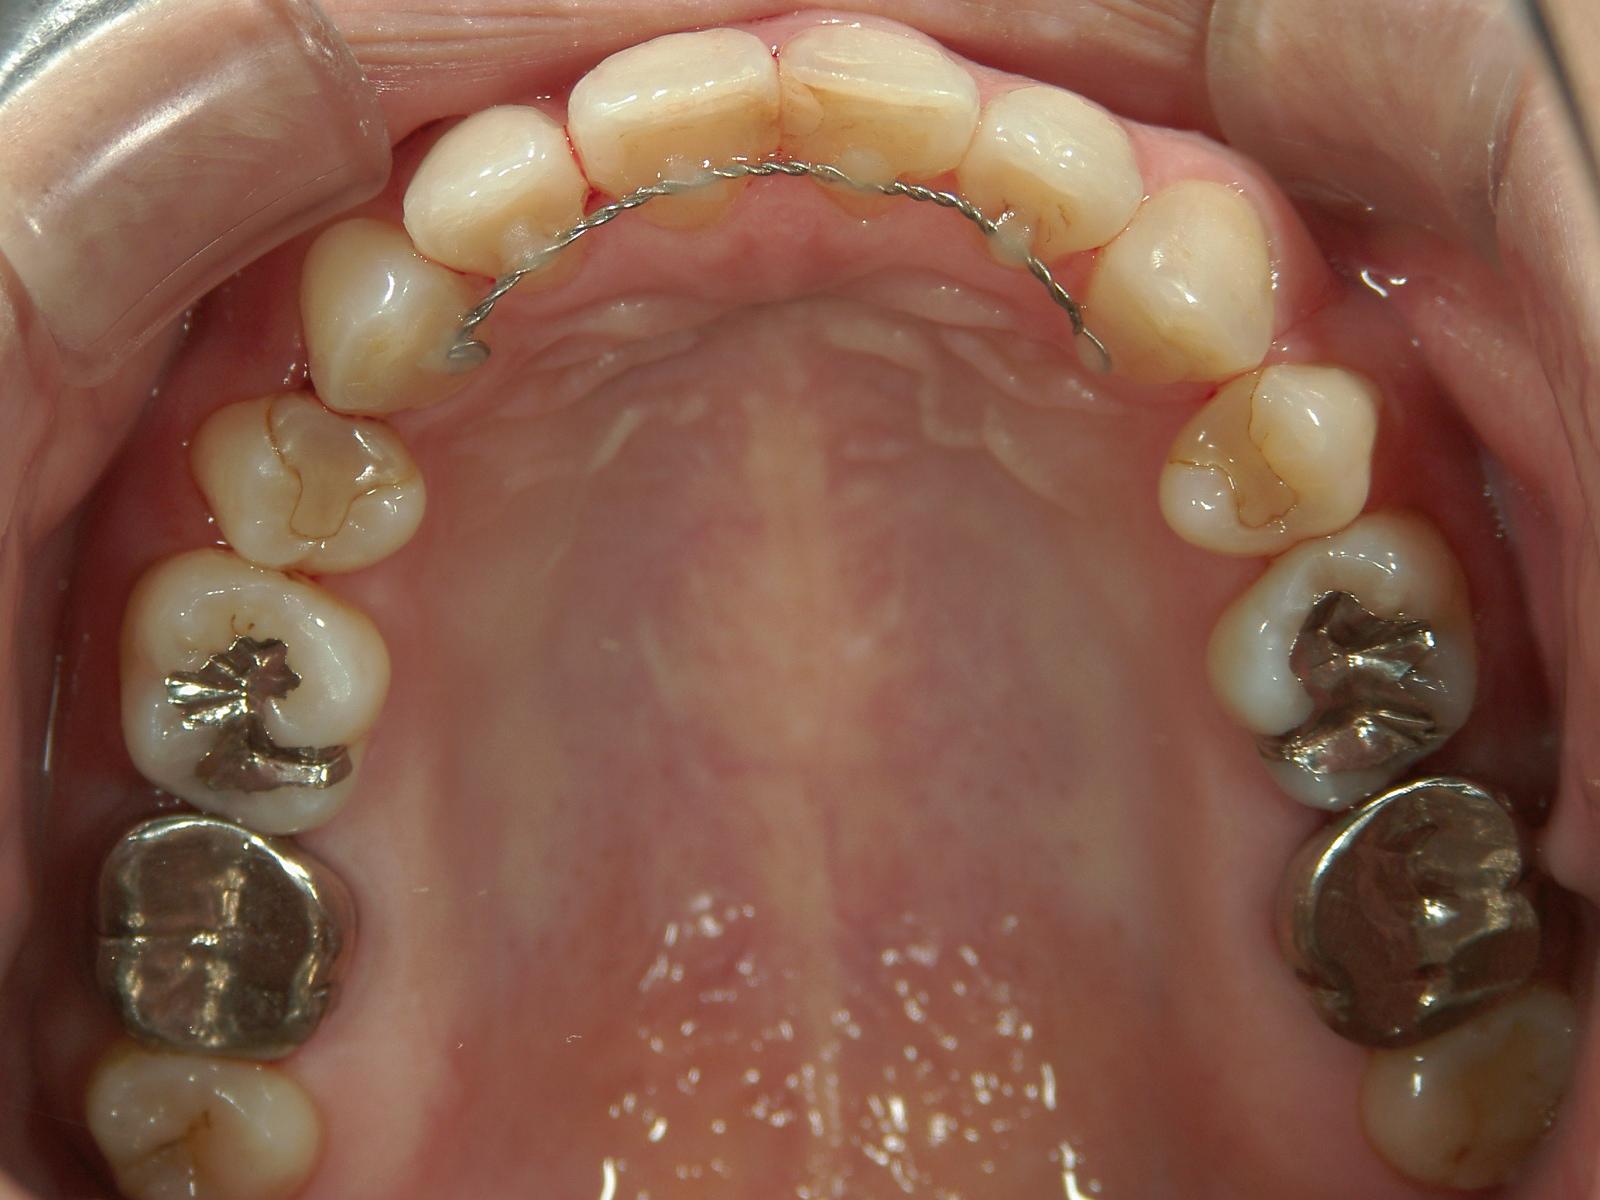 全顎ワイヤー矯正 症例(5)